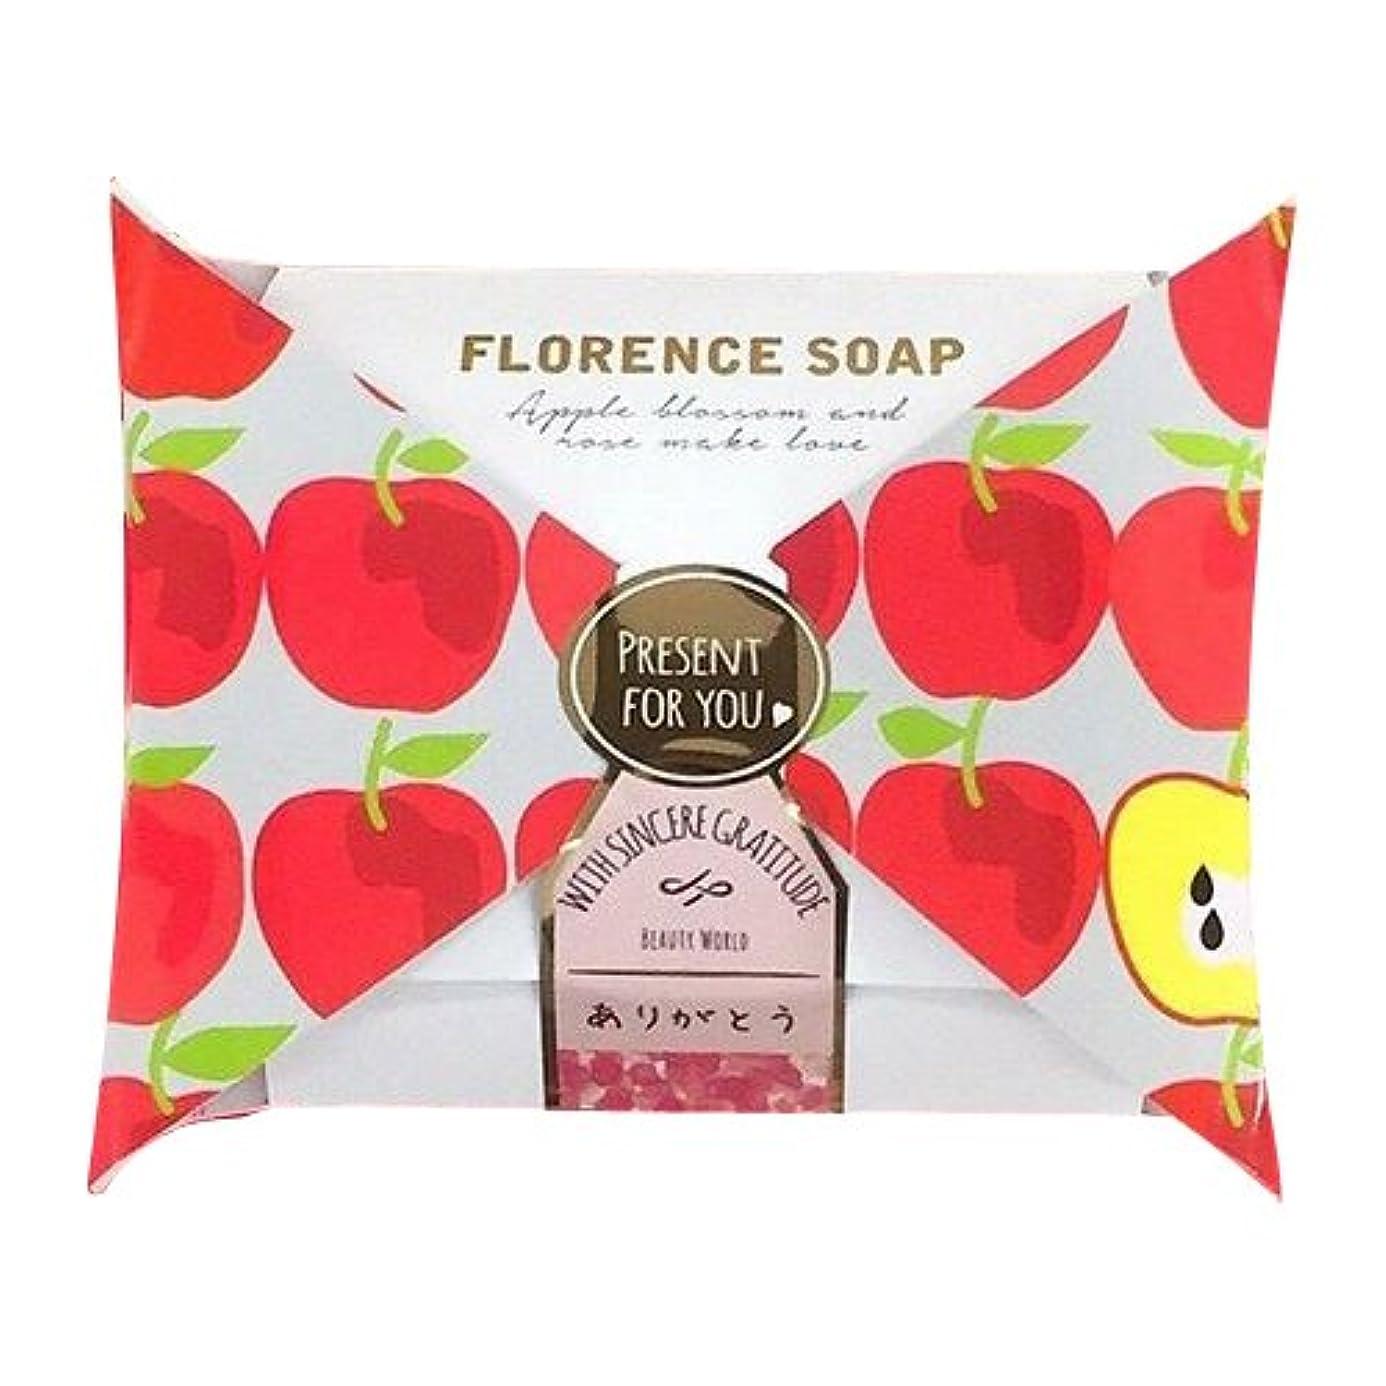 影響する消毒する実験BW フローレンスの香り石けん リボンパッケージ FSP384 アップルの花とローズの恋 (35g)